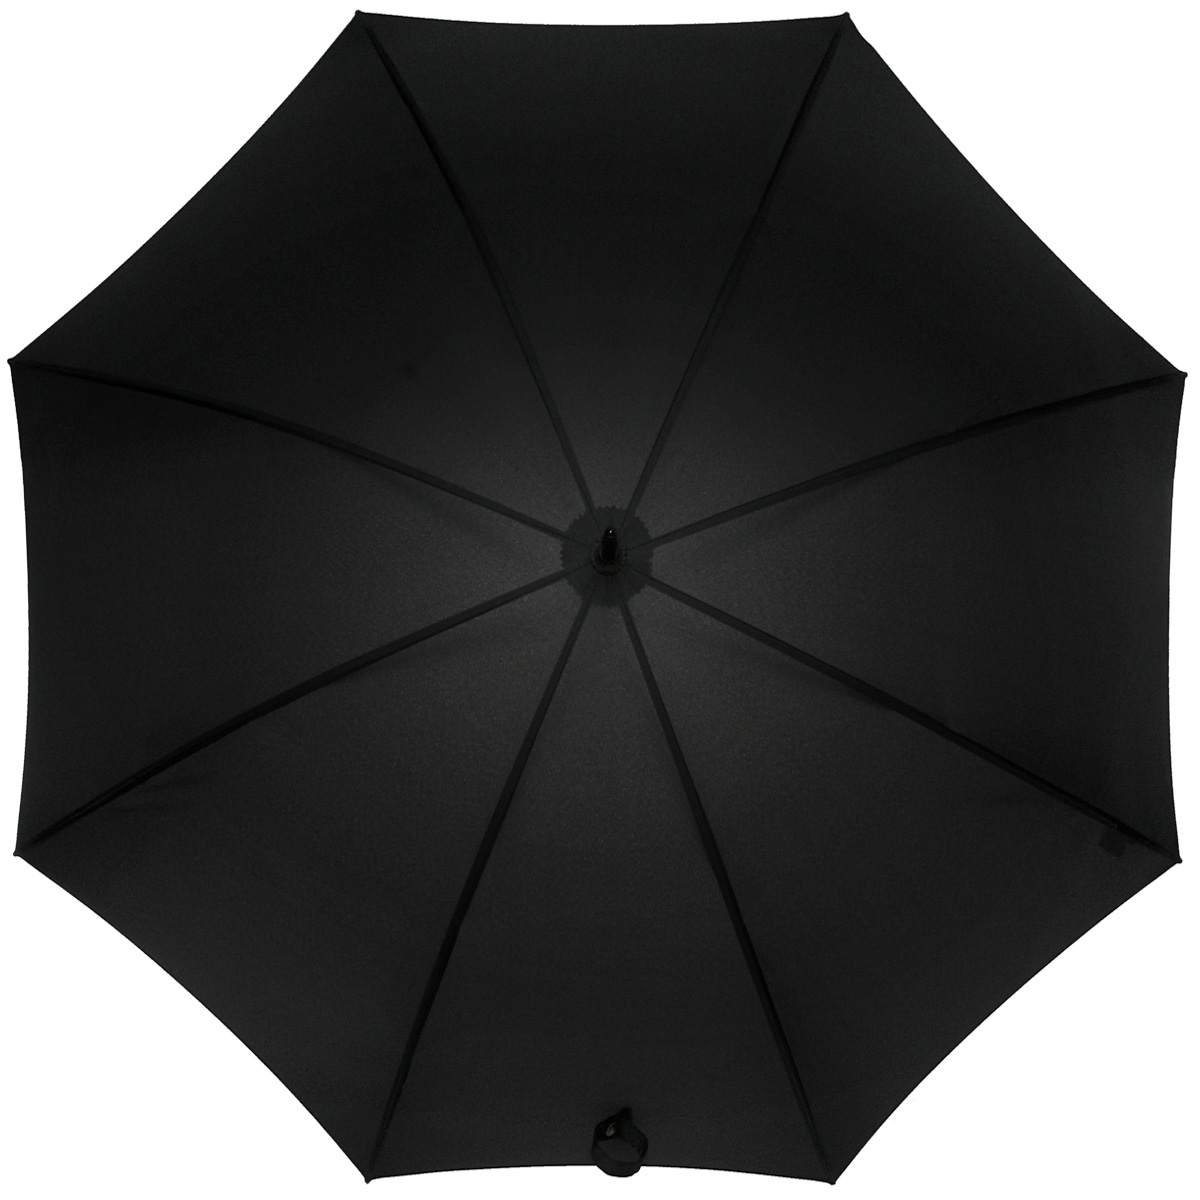 Зонт-трость мужской Zest, механический, цвет: черный. 41540REM12-CAM-GREENBLACKМужской механический зонт-трость Zest даже в ненастную погоду позволит вам оставаться стильным. Каркас зонта состоит из восьми двойных спиц и прочного стержня из металла. Специальная система Windproof защищает его от поломок во время сильных порывов ветра. Купол зонта черного цвета выполнен из прочного полиэстера с водоотталкивающей пропиткой. Используемые высококачественные красители, а также покрытие Teflon обеспечивают длительное сохранение свойств ткани купола. Рукоятка закругленной формы, разработанная с учетом требований эргономики, выполнена из пластика и обтянута искусственной кожей черного цвета. Зонт имеет механический тип сложения: купол открывается и закрывается вручную до характерного щелчка.Такой зонт не только надежно защитит вас от дождя, но и станет стильным аксессуаром. Характеристики:Материал: полиэстер, пластик, металл, искусственная кожа. Диаметр купола: 110 см. Цвет: черный. Длина стержня зонта: 77 см. Количество спиц: 8 шт. Длина зонта (в сложенном виде): 89 см. Артикул: 41540.